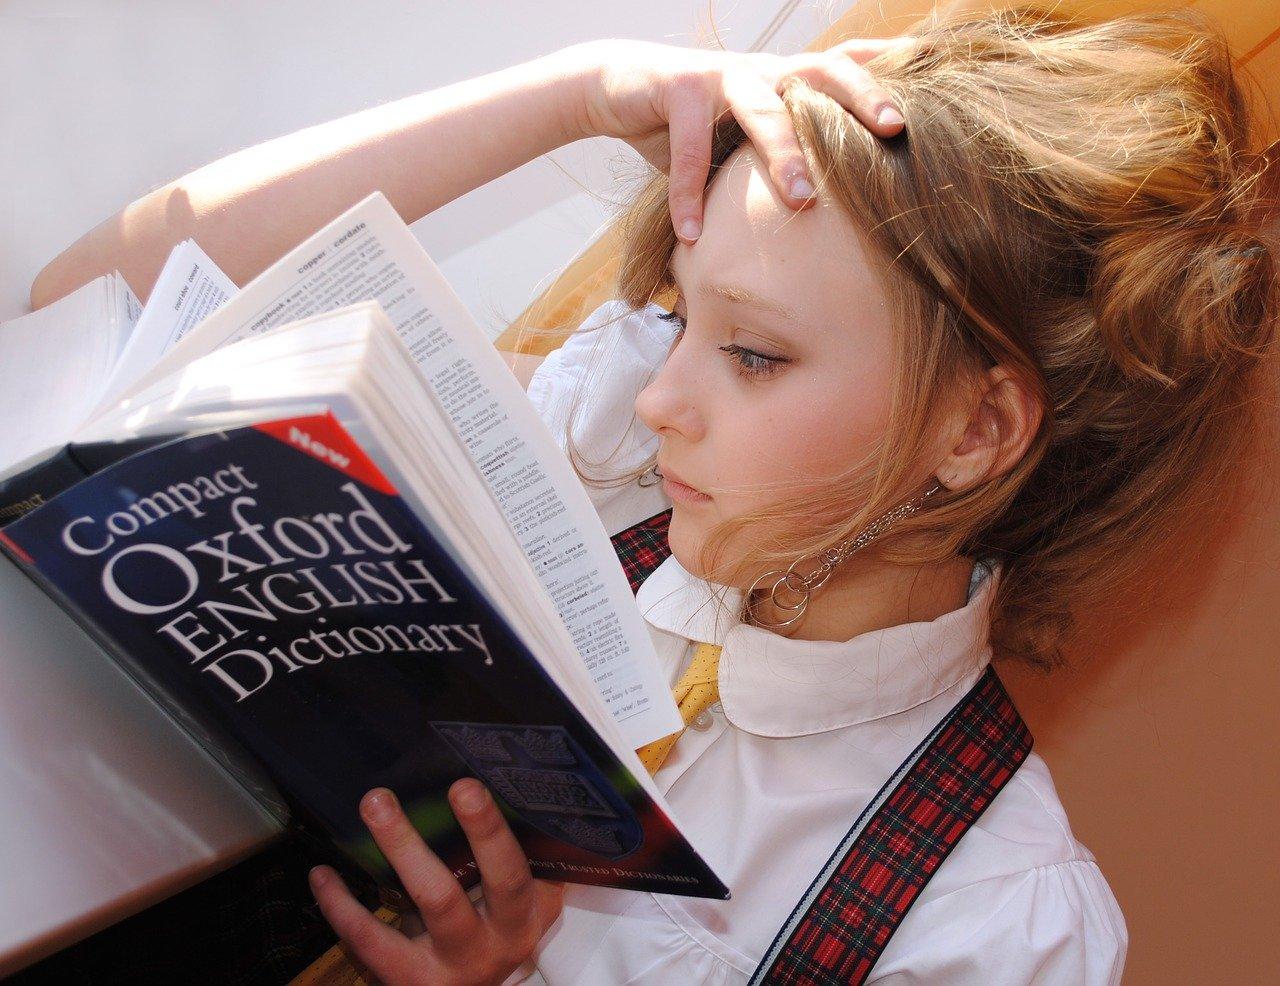 Jeune fille blonde lisant livre d'anglais